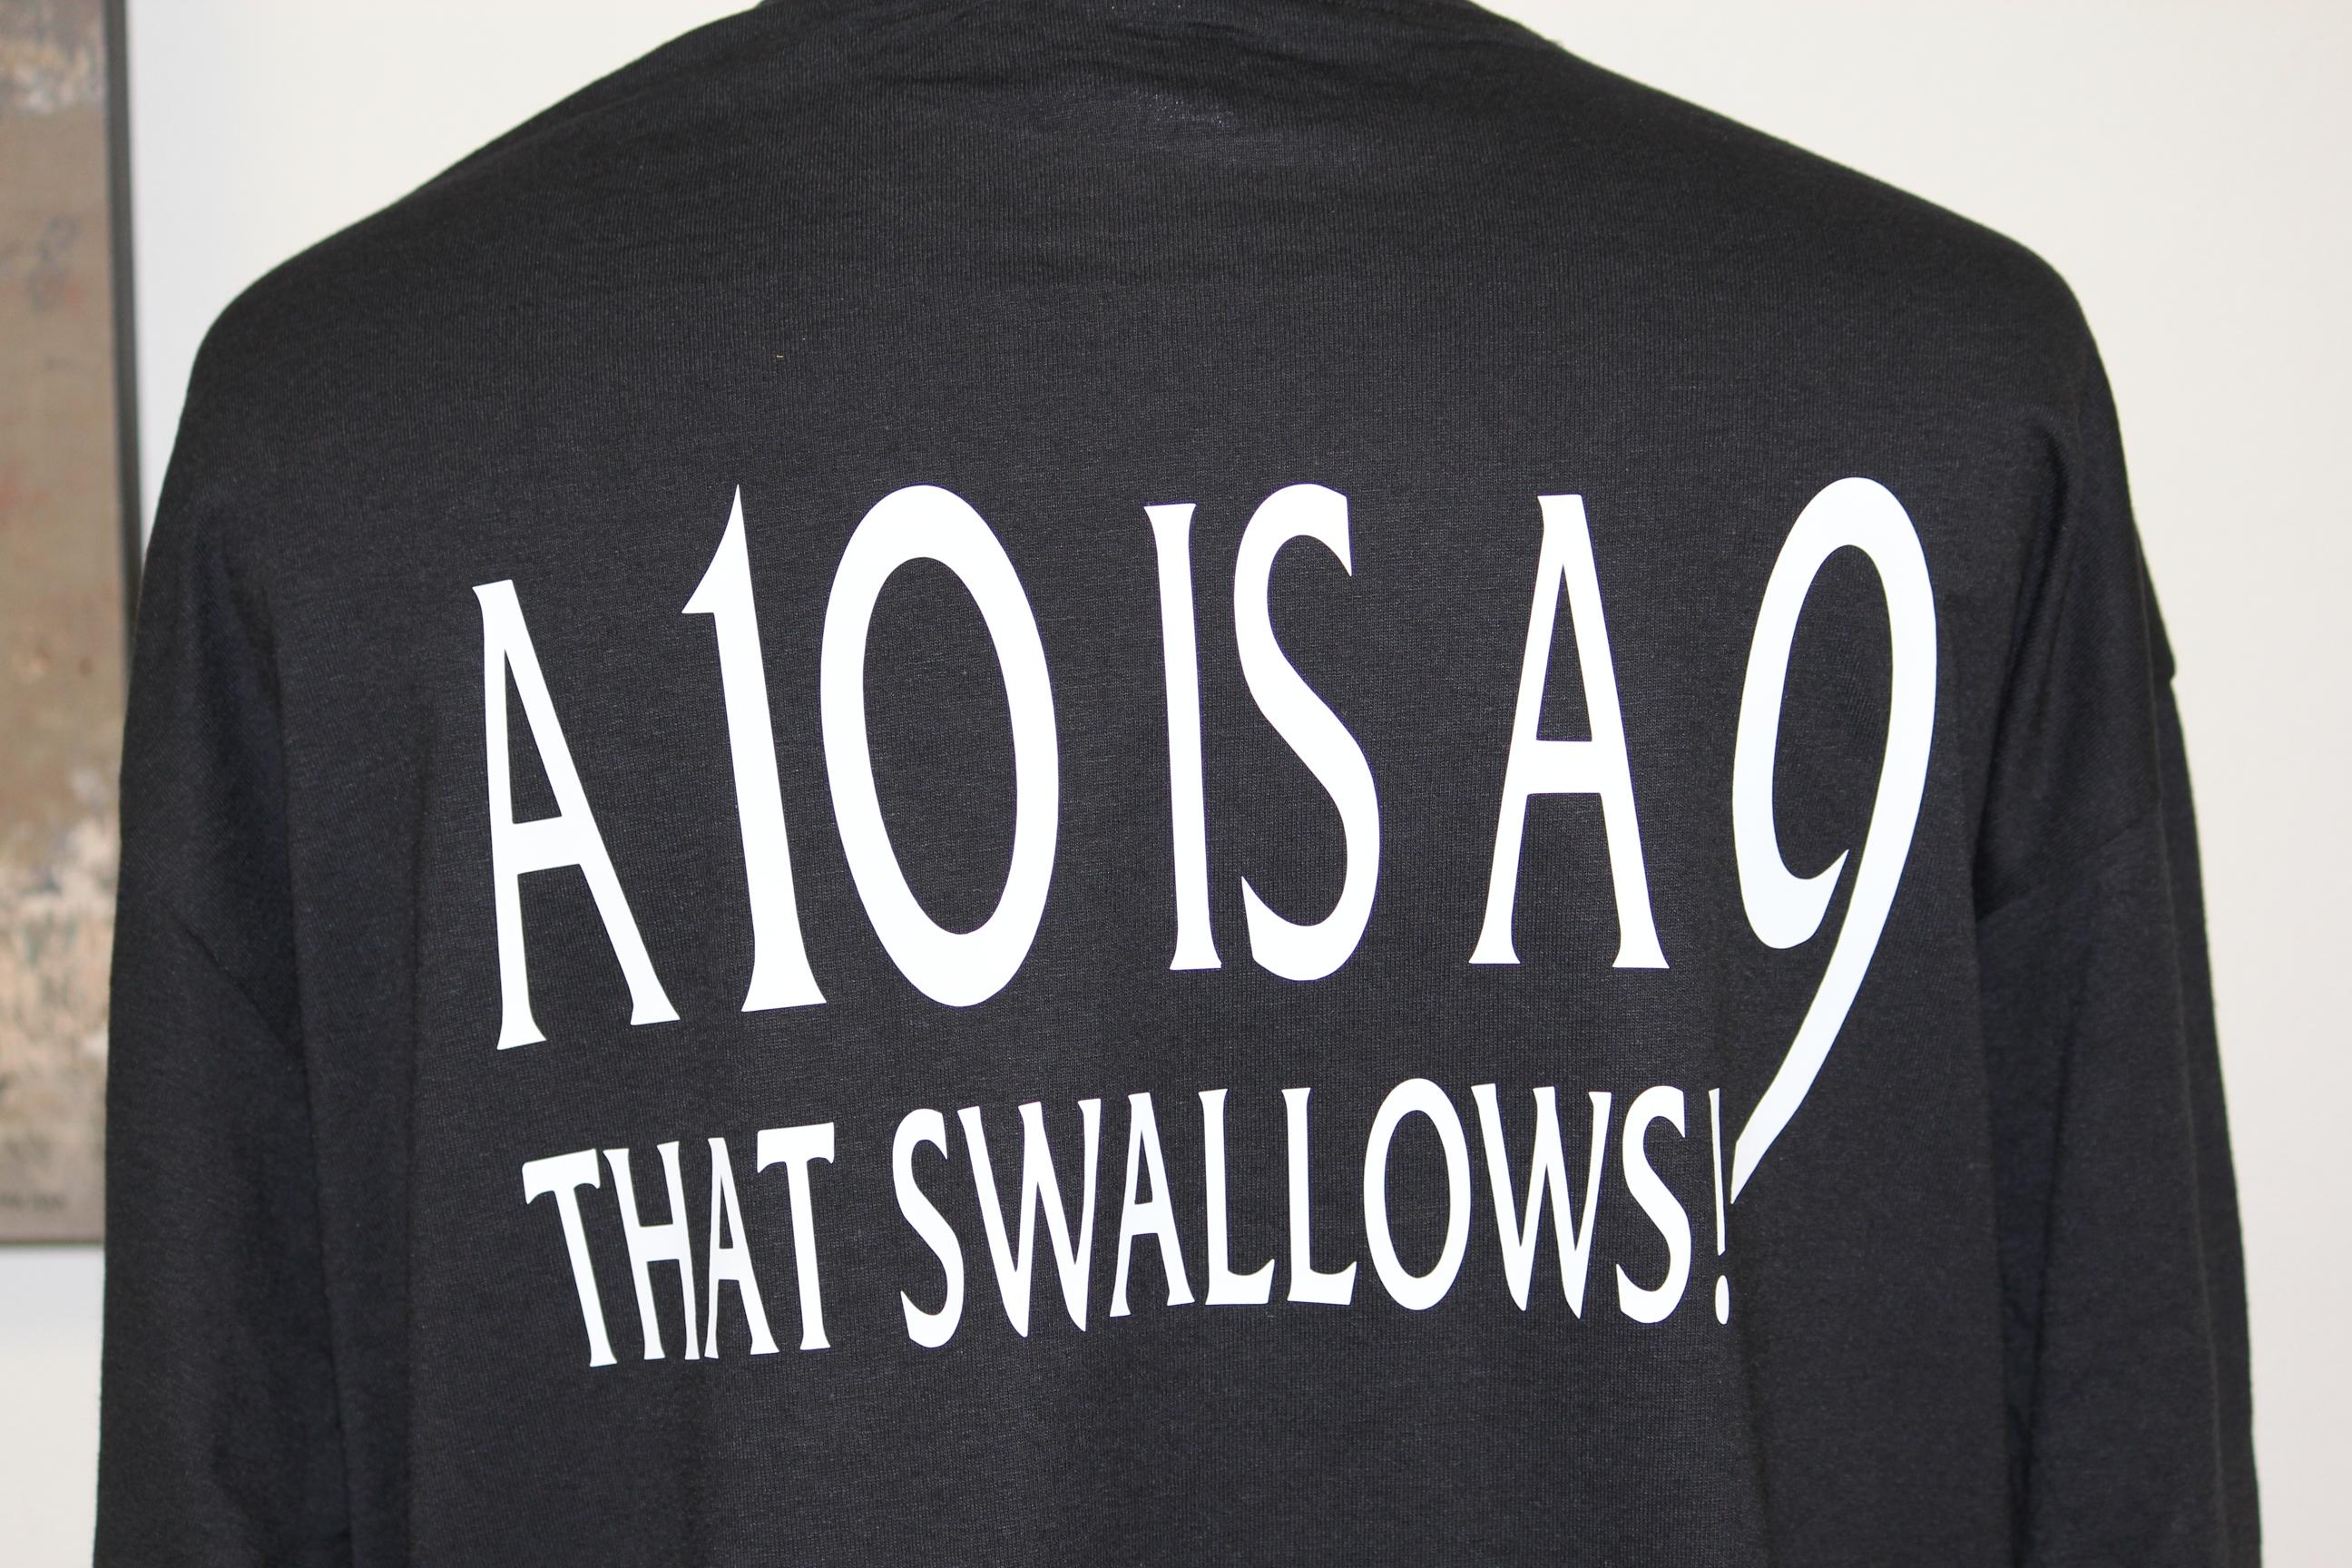 a-10-is-a-9-that-swallows-t-shirt.jpg